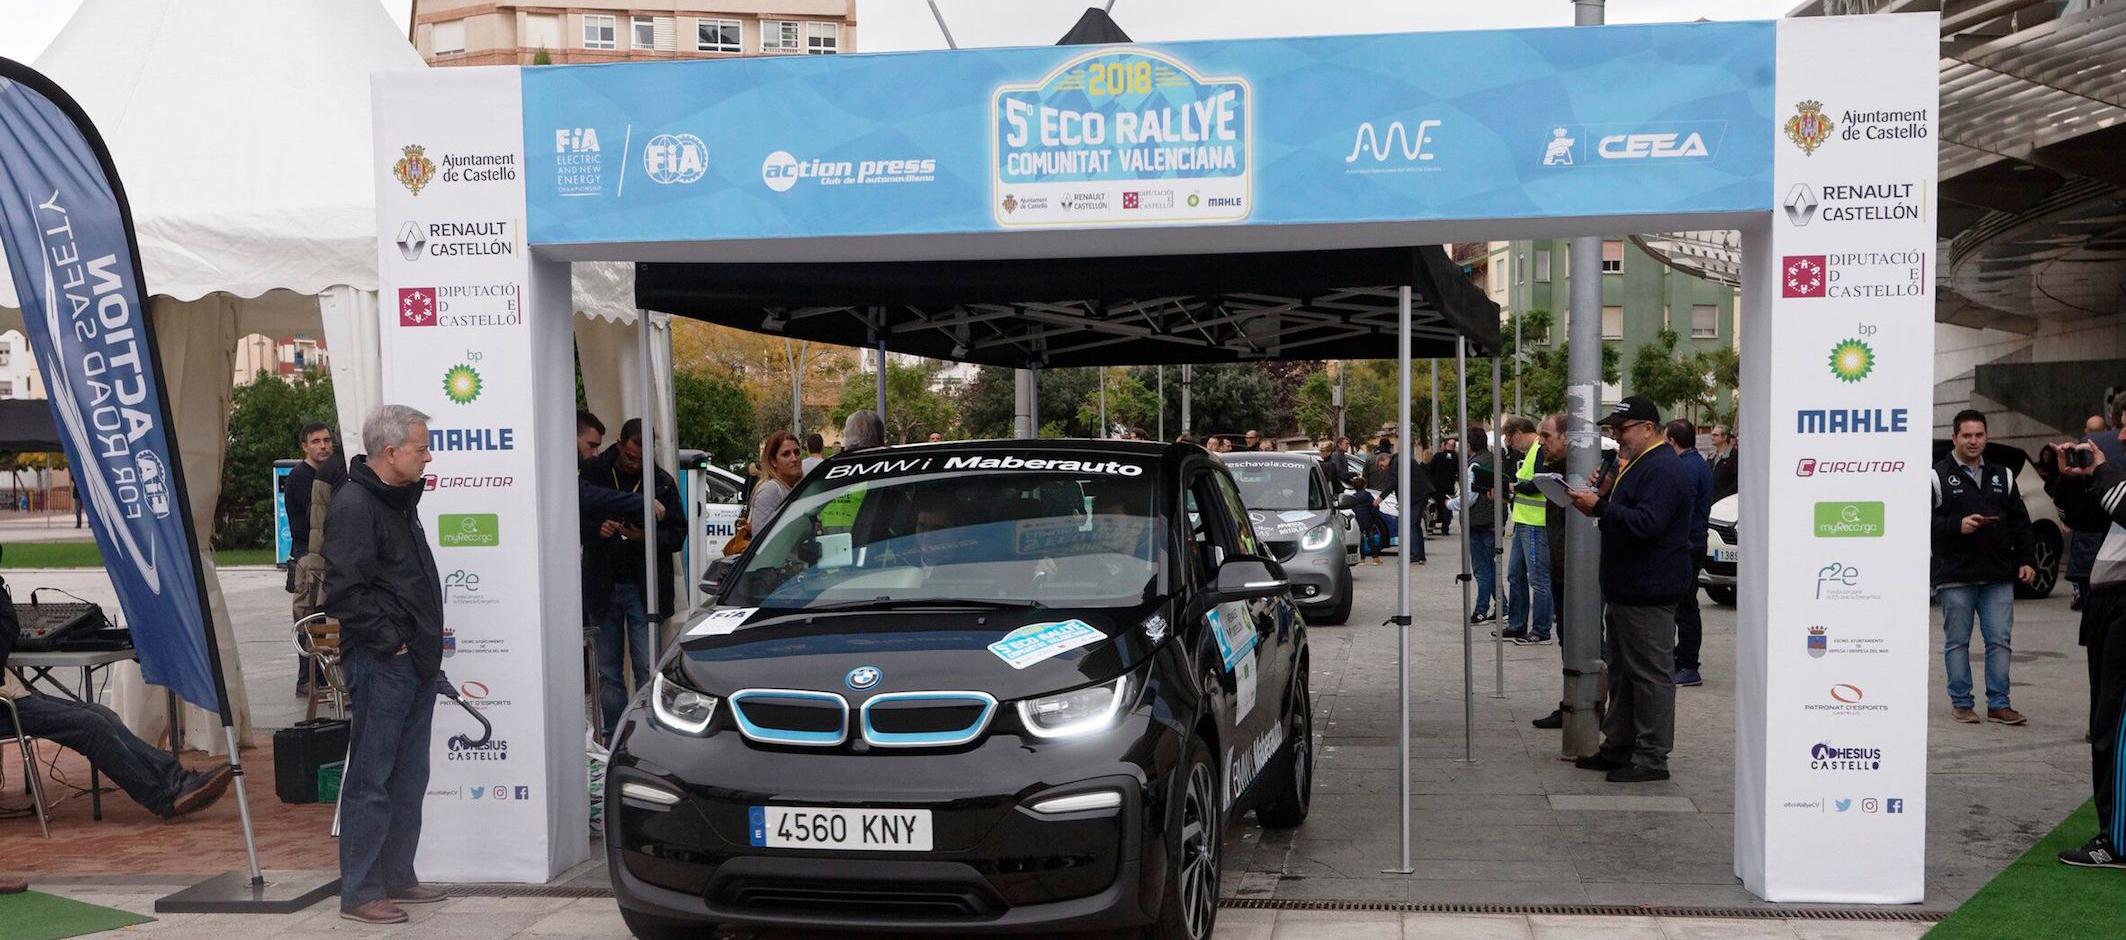 VI Eco Rally de la Comunidad Valenciana